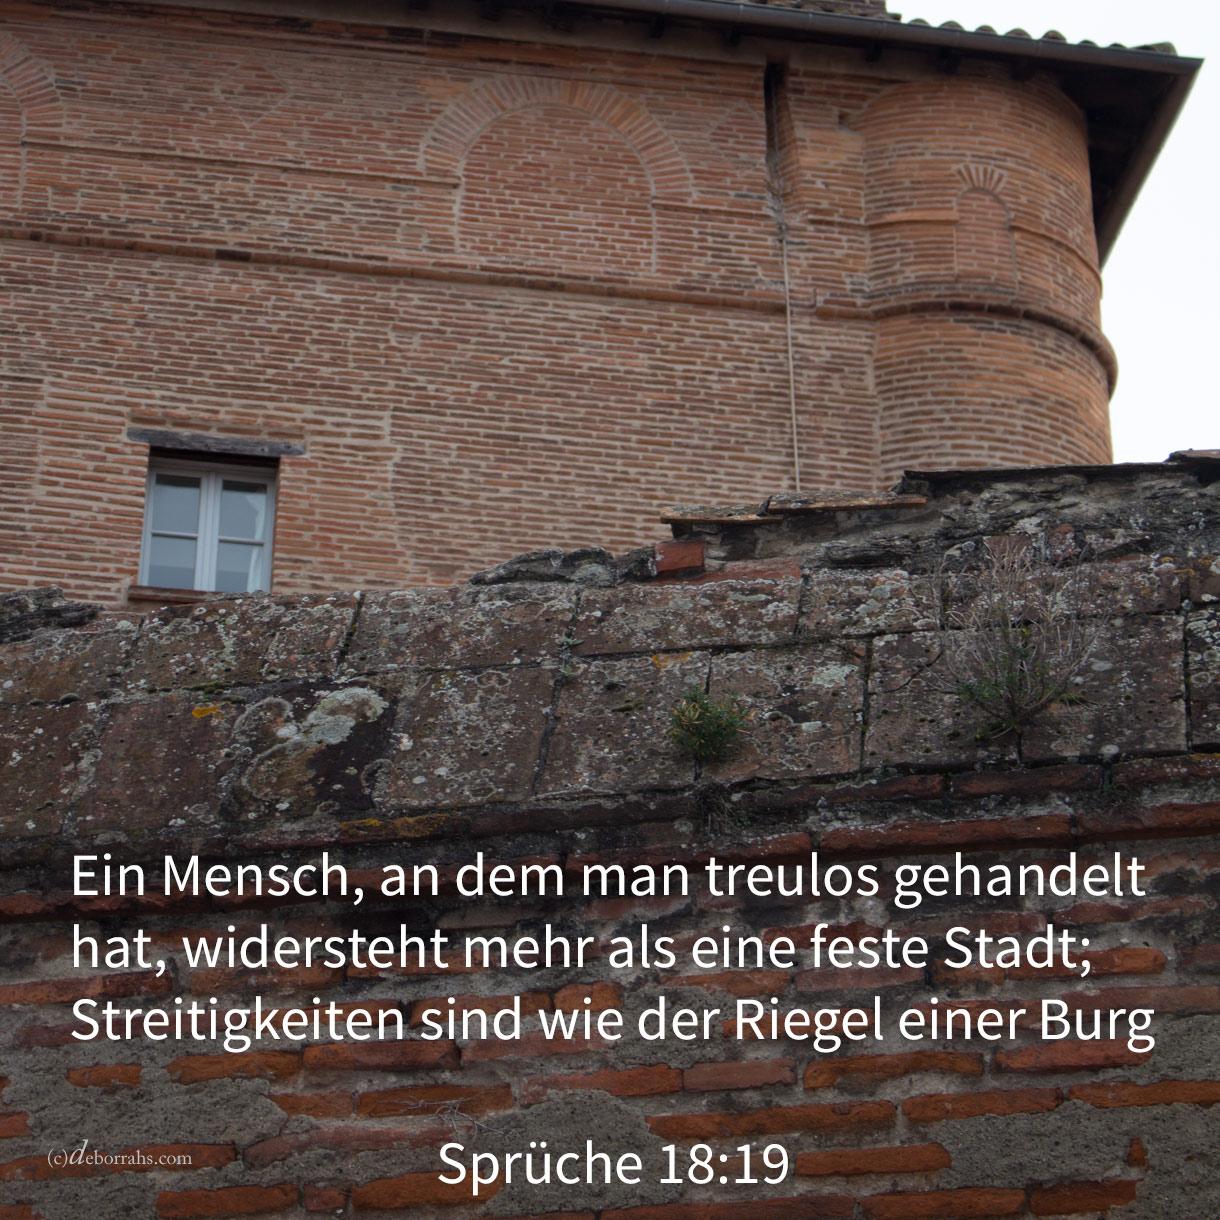 Ein Bruder, an dem man treulos gehandelt hat, widersteht mehr als eine feste Stadt; und Zwistigkeiten sind wie der Riegel einer Burg ( Sprüche 18,19 )